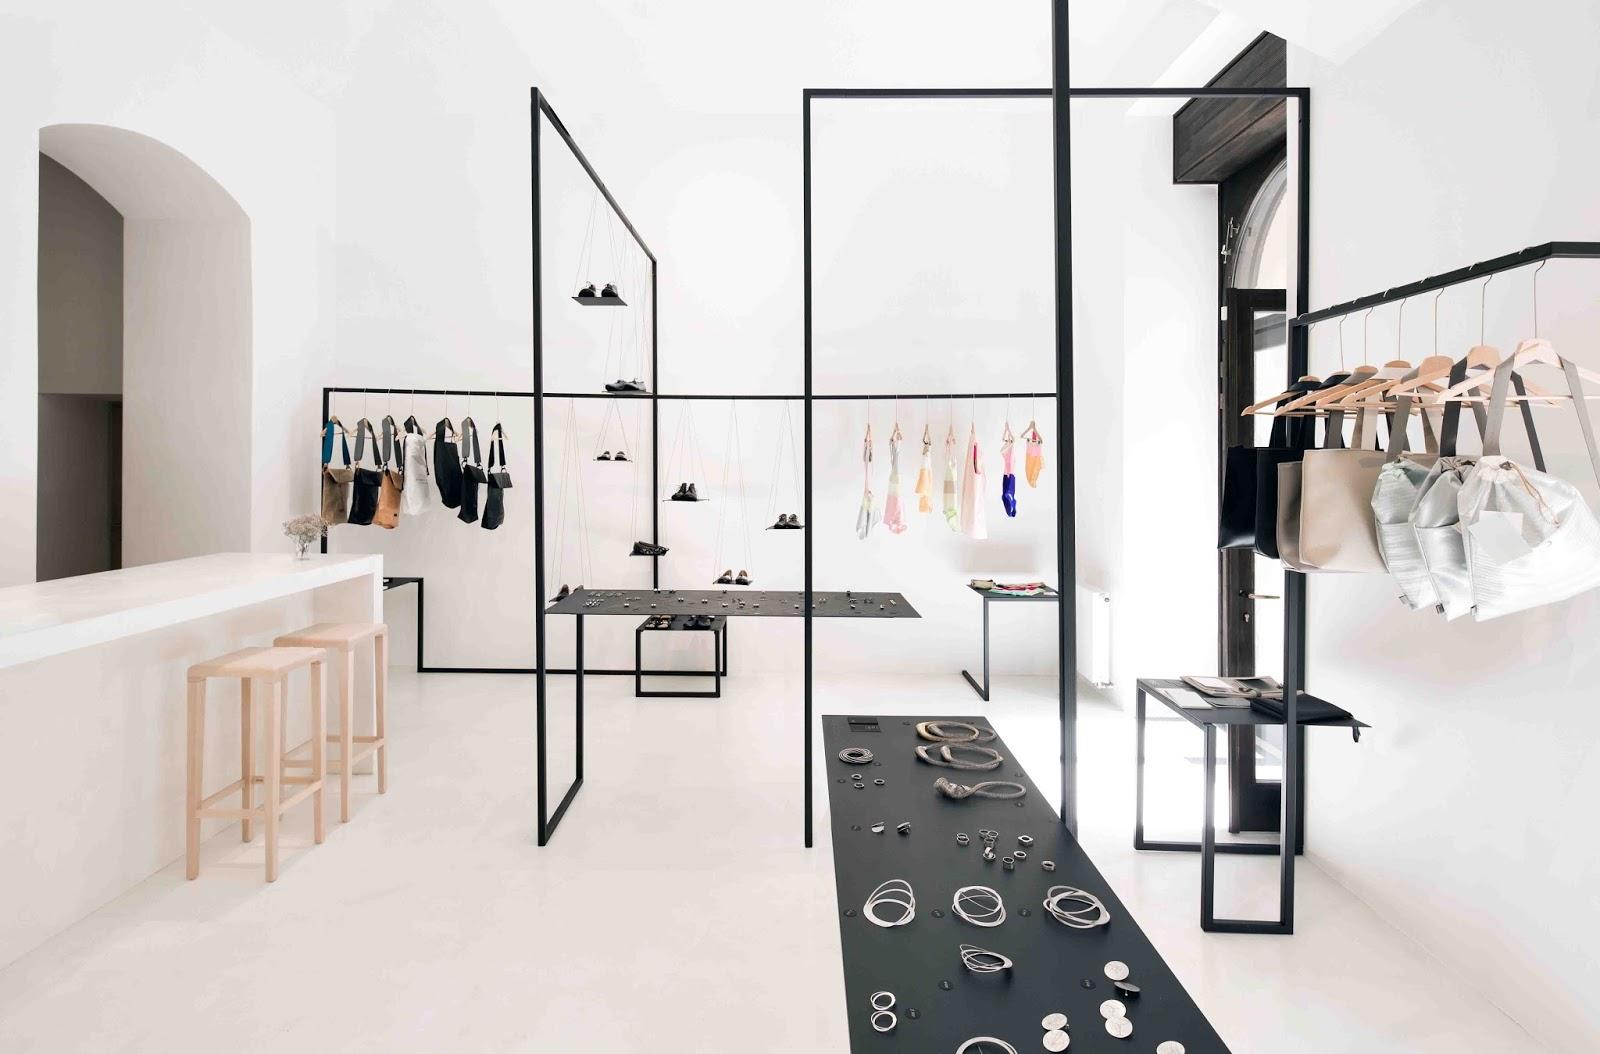 Laboratorio e negozio di moda showroom a praga by zuzana for Negozi di design